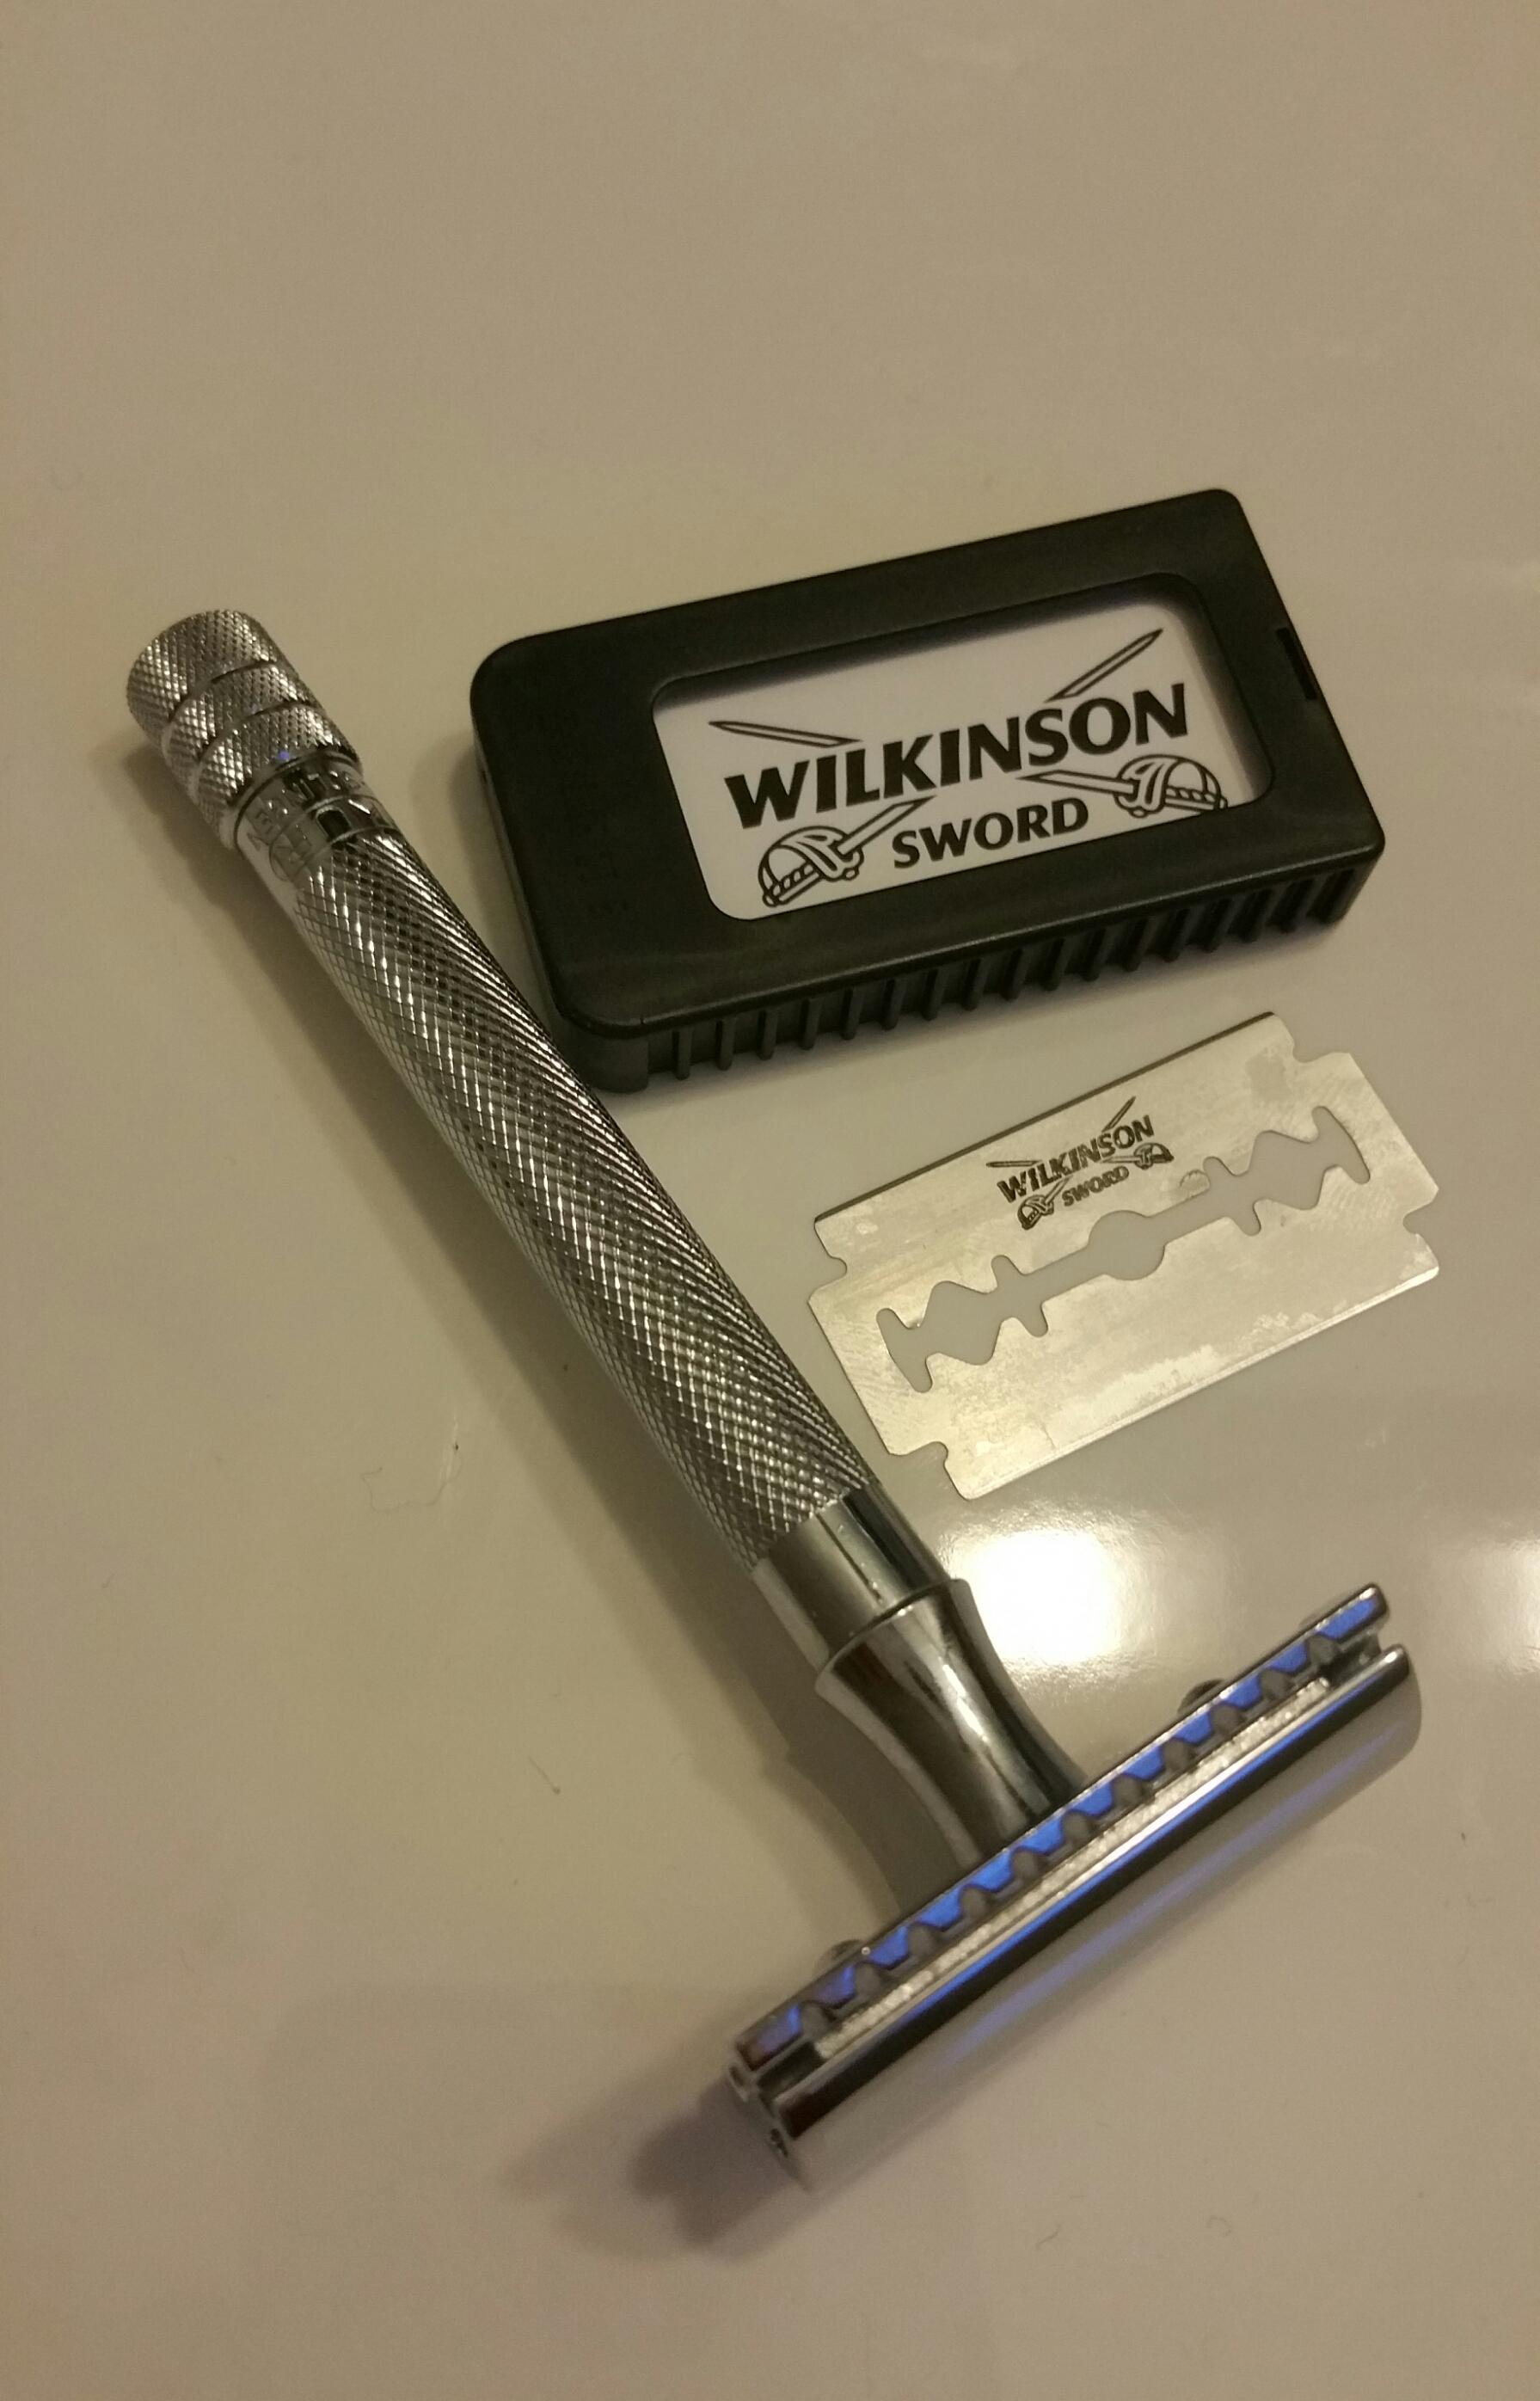 Wilkinson DE blades